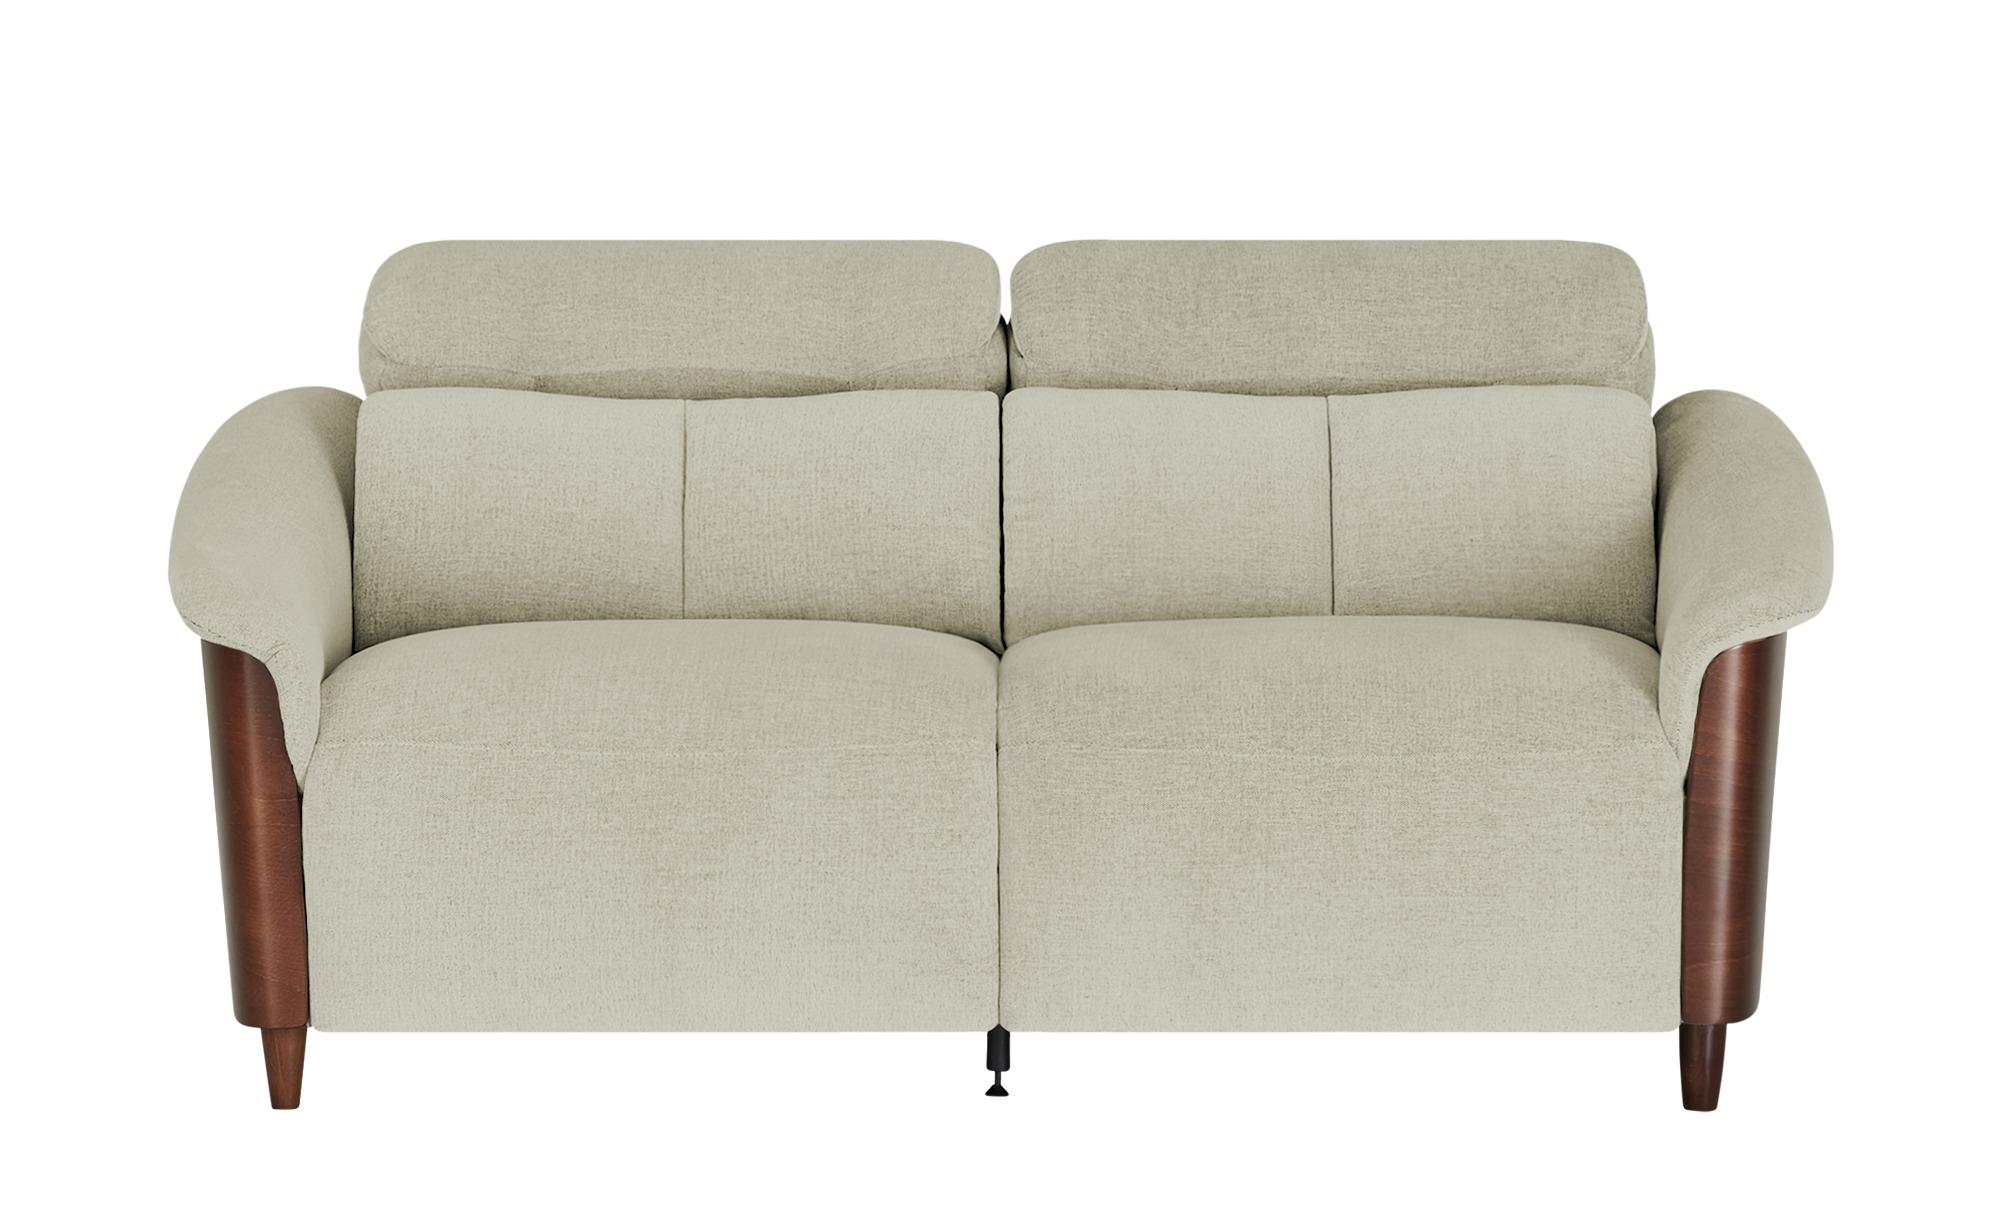 Nils Olsen Einzelsofa  Asina ¦ beige ¦ Maße (cm): B: 170 H: 88 T: 98 Polstermöbel > Sofas > 2-Sitzer - Höffner